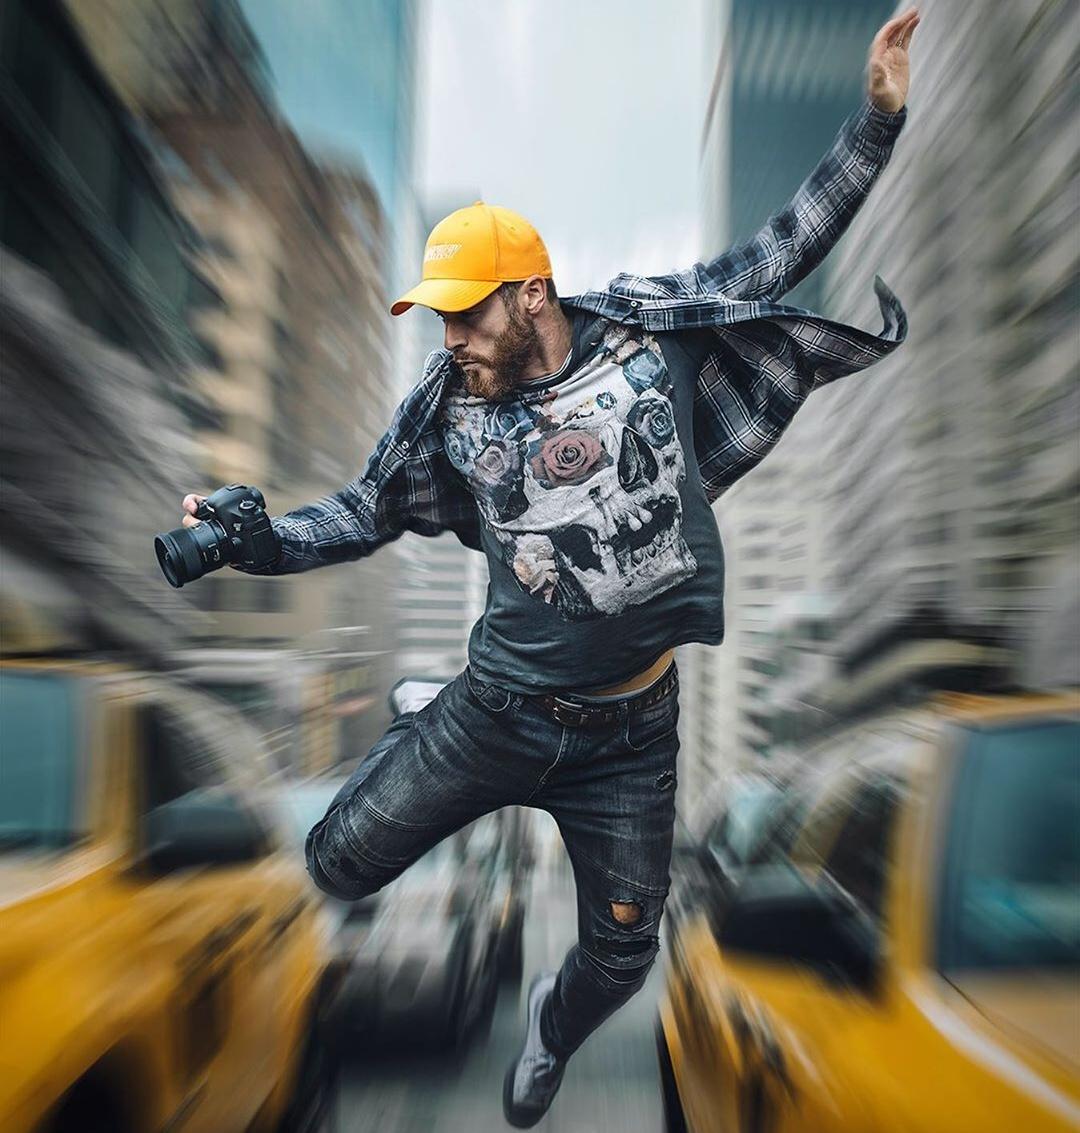 Британский фотограф Марк МакГи — мастер динамичных фотосессий